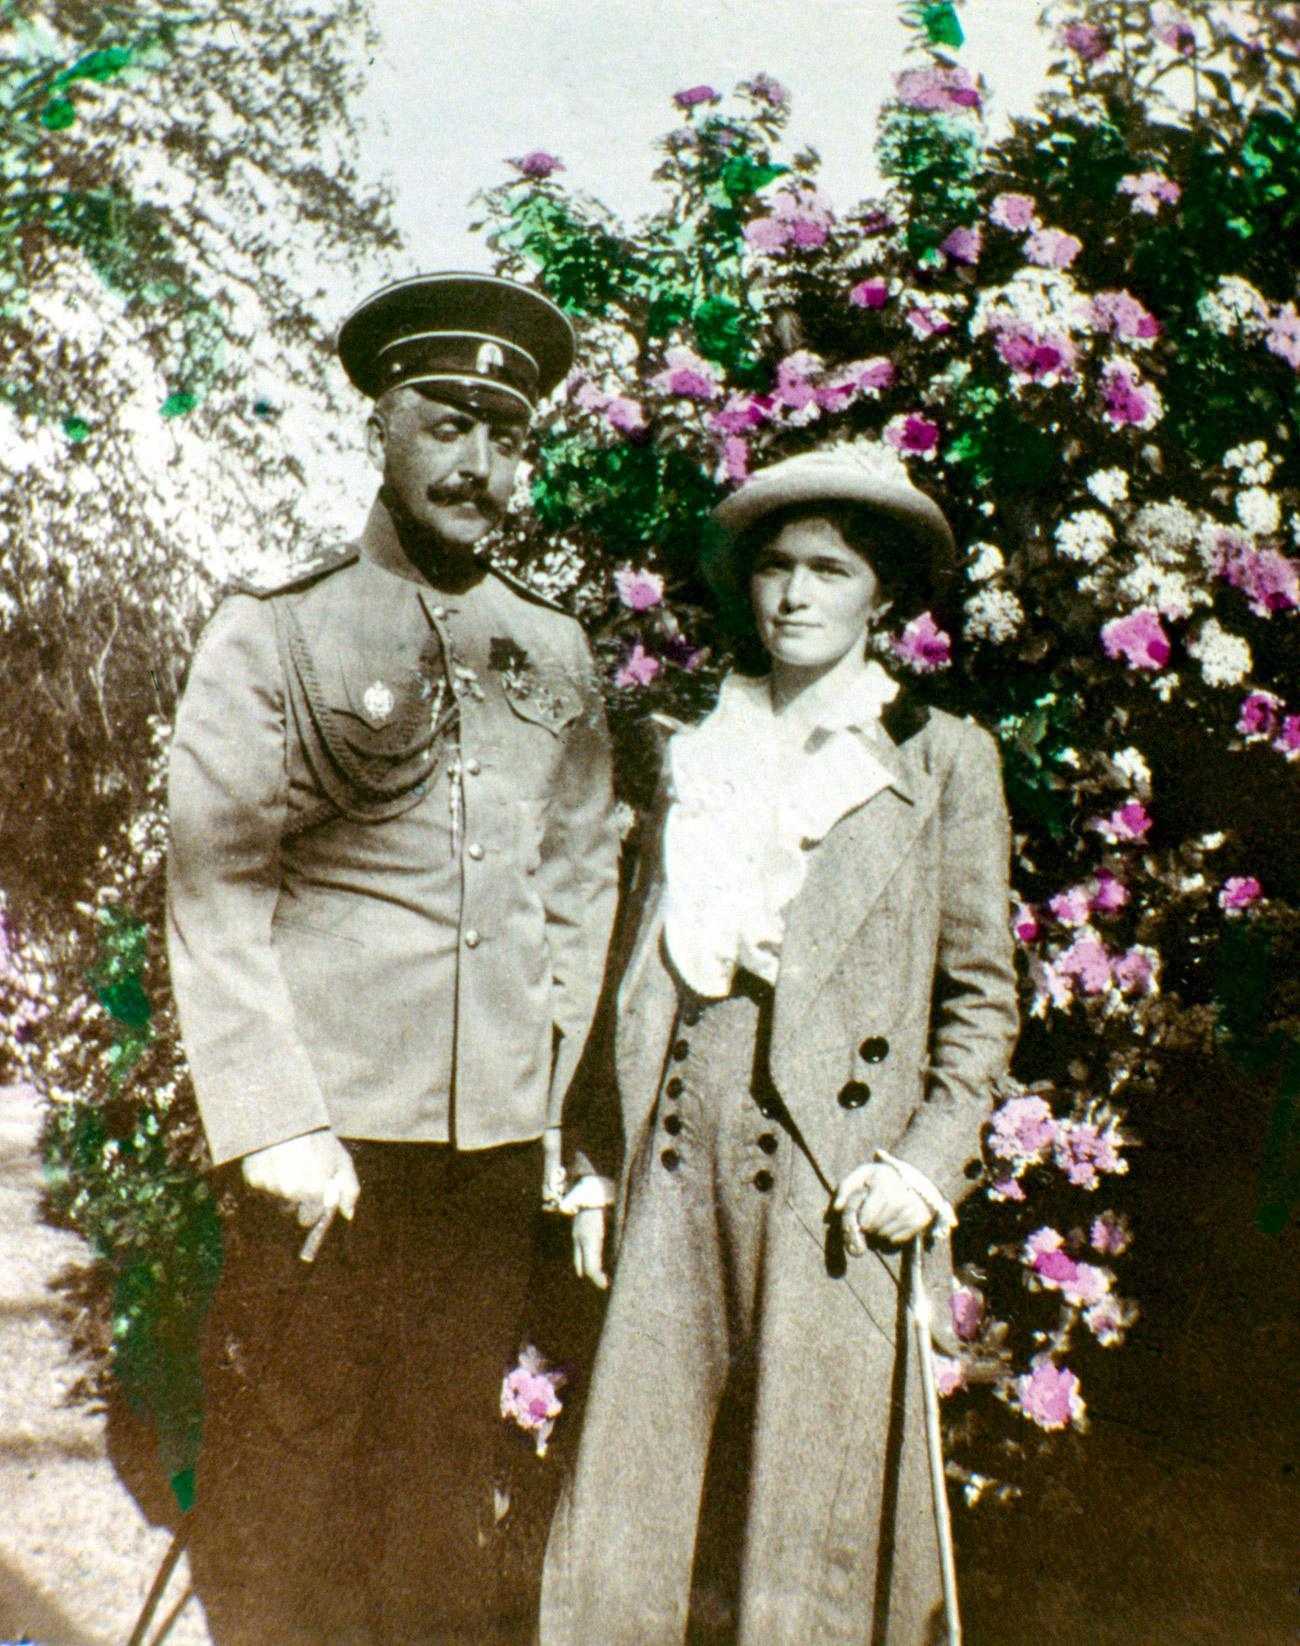 L'hobby preferito dello zar gli permetteva di sentirsi più vicino e unito alla famiglia